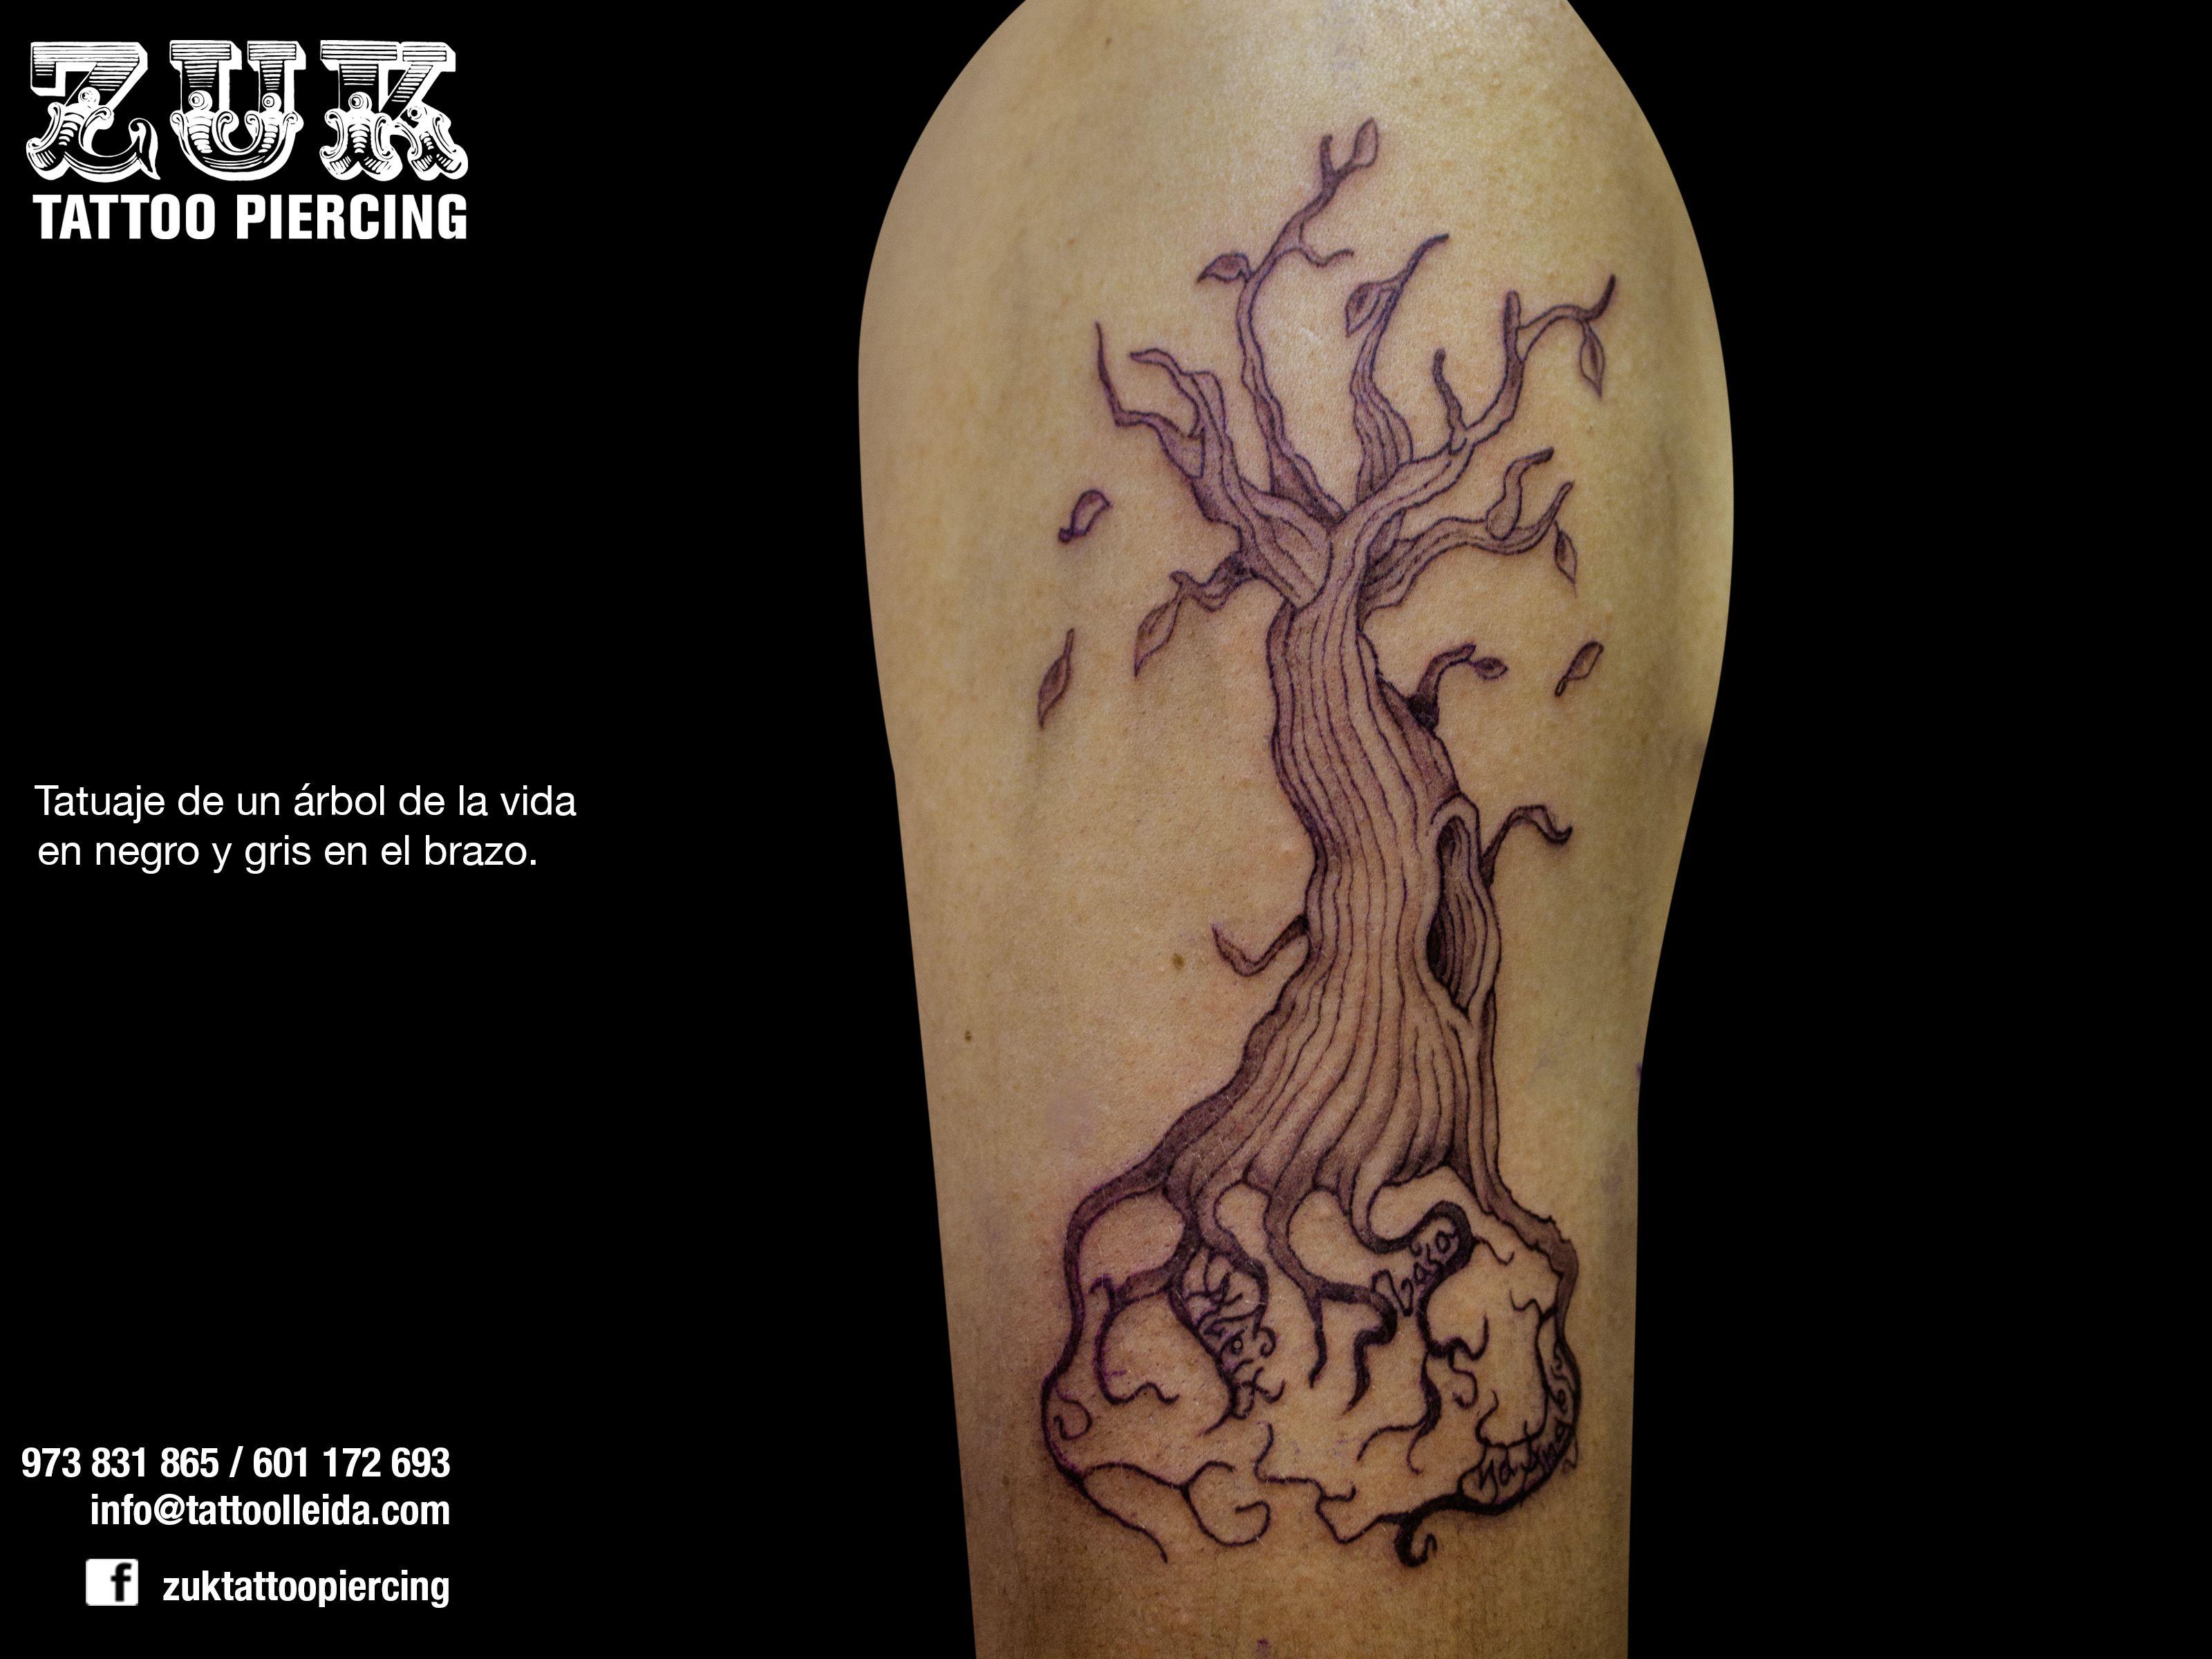 Tatuaje de un árbol de la vida en negro y gris en el brazo. Tatuaje ...